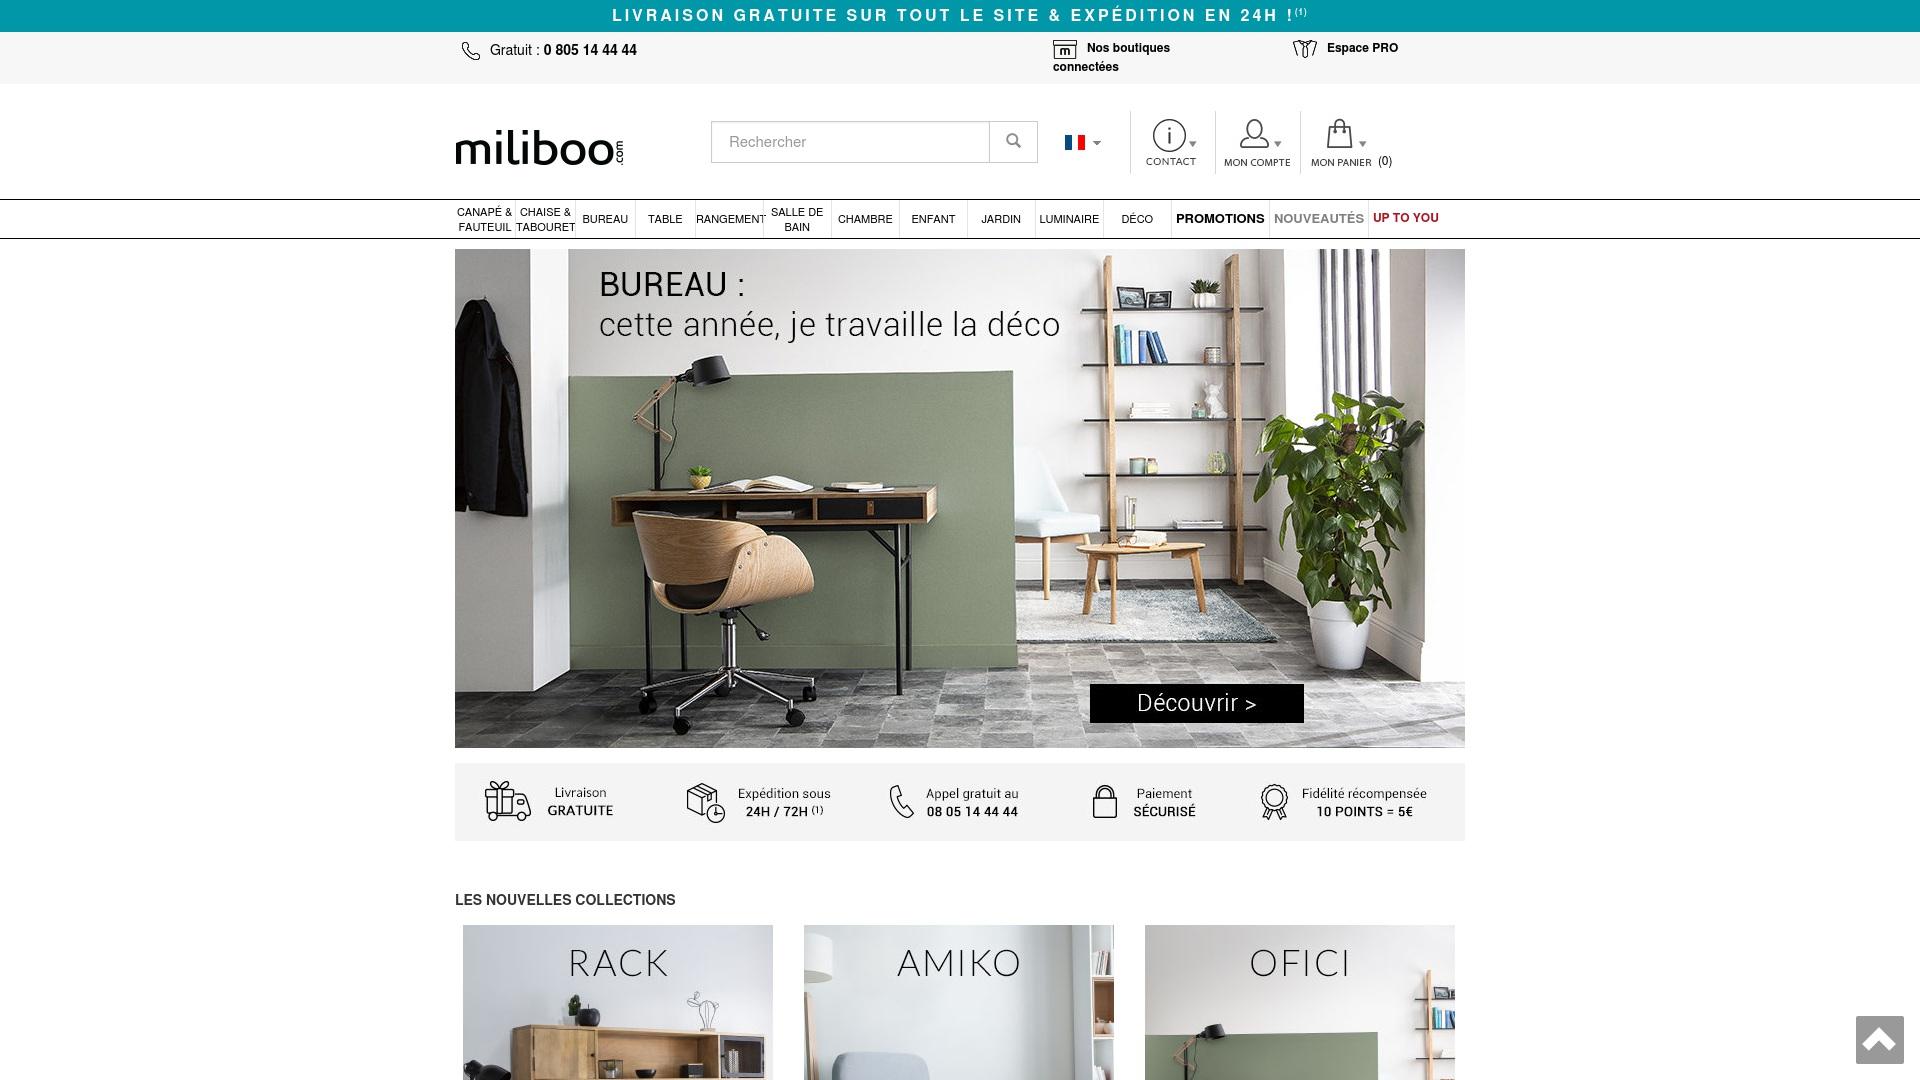 Gutschein für Miliboo: Rabatte für  Miliboo sichern